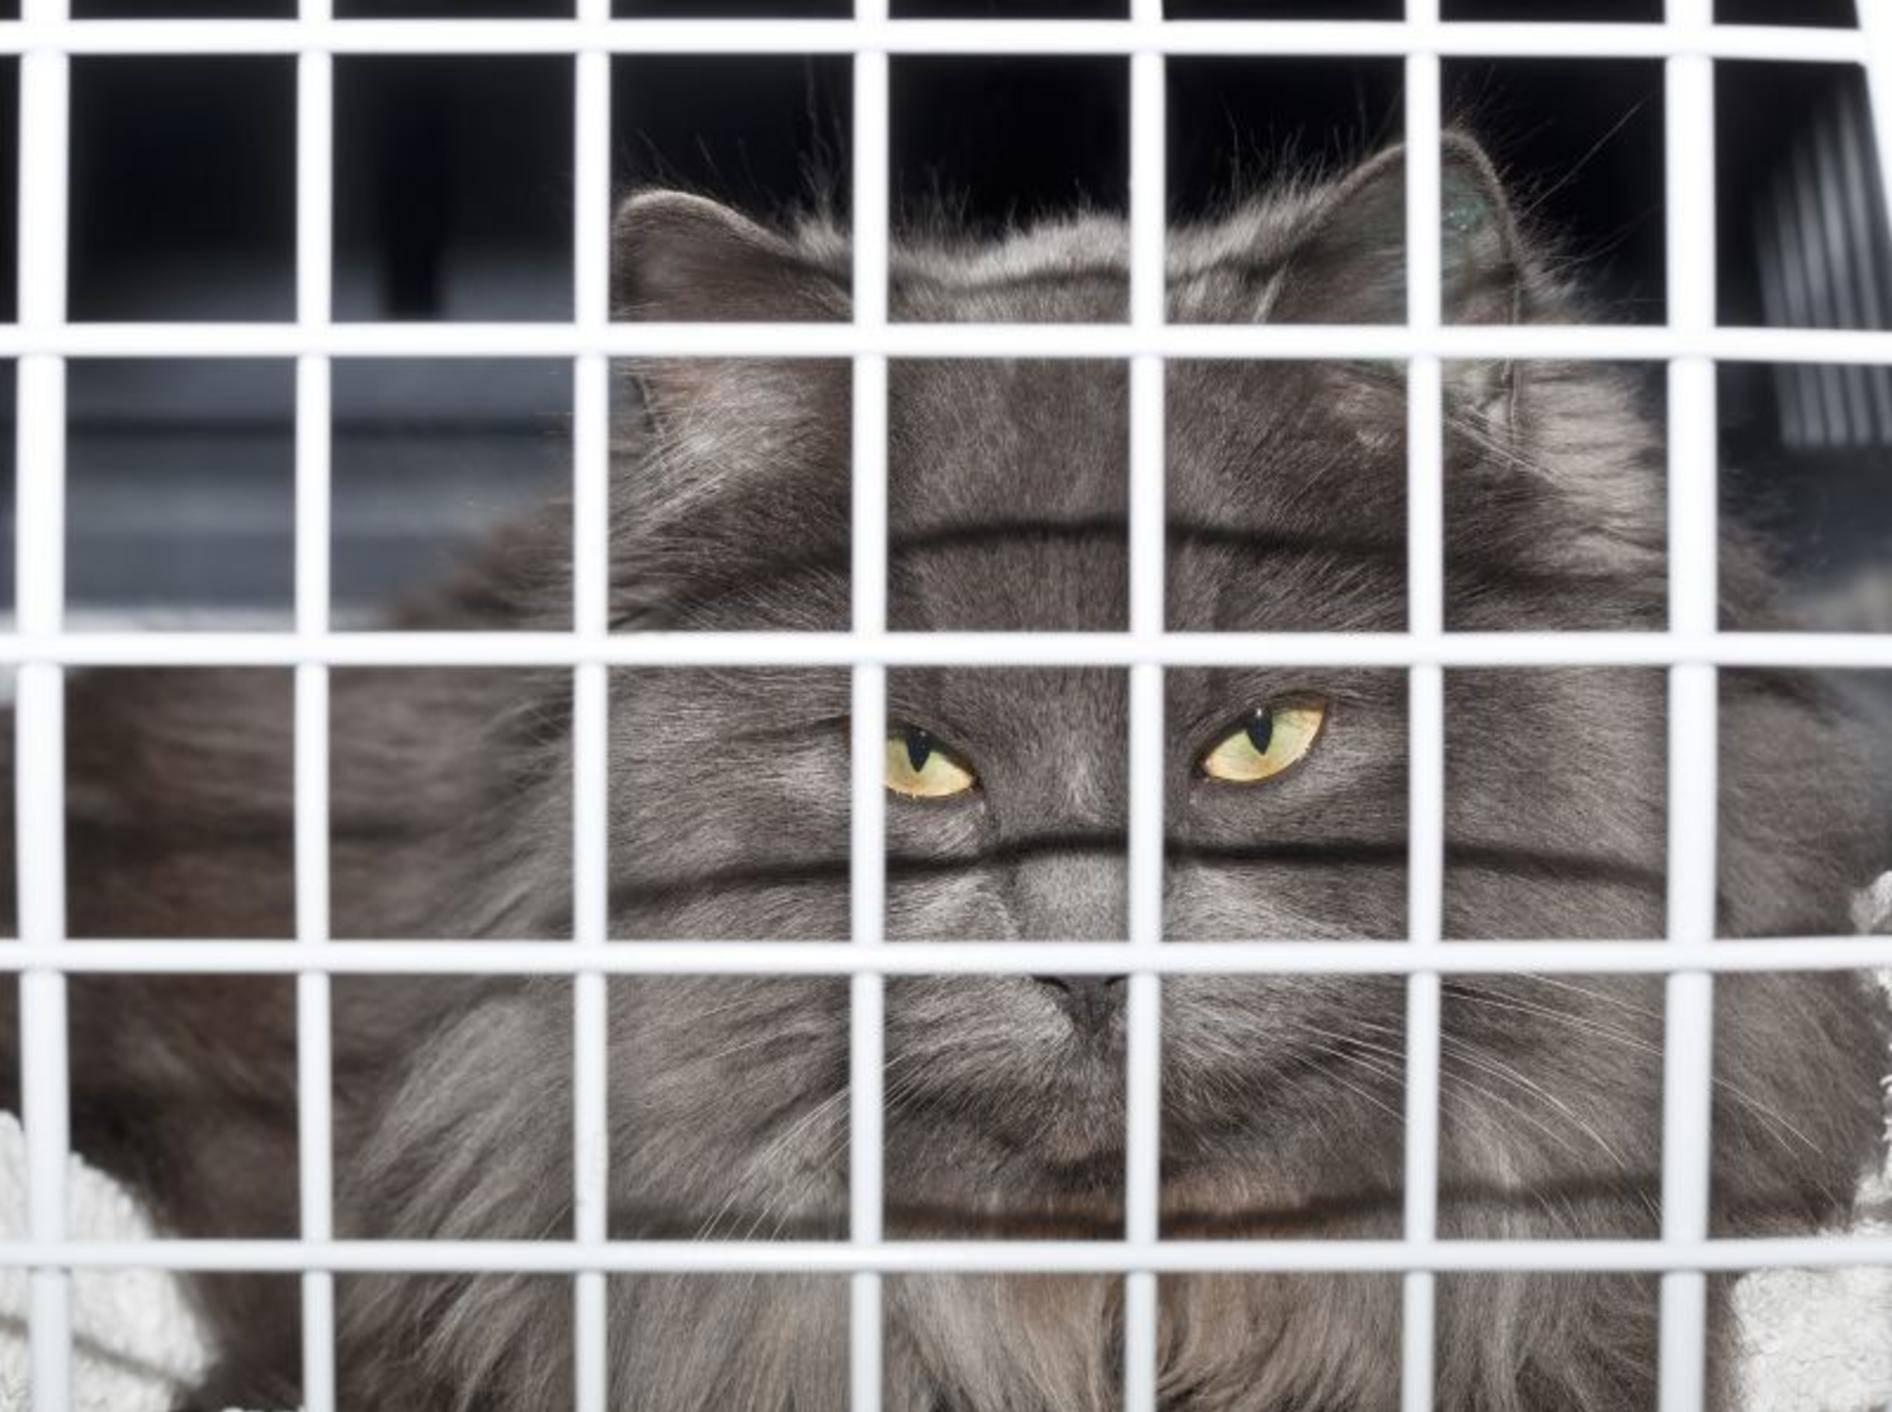 Gestalten Sie Ihrer Katze den Aufenthalt in der Transportbox so angenehm wie möglich — Bild: Shutterstock / Henrik Larsson